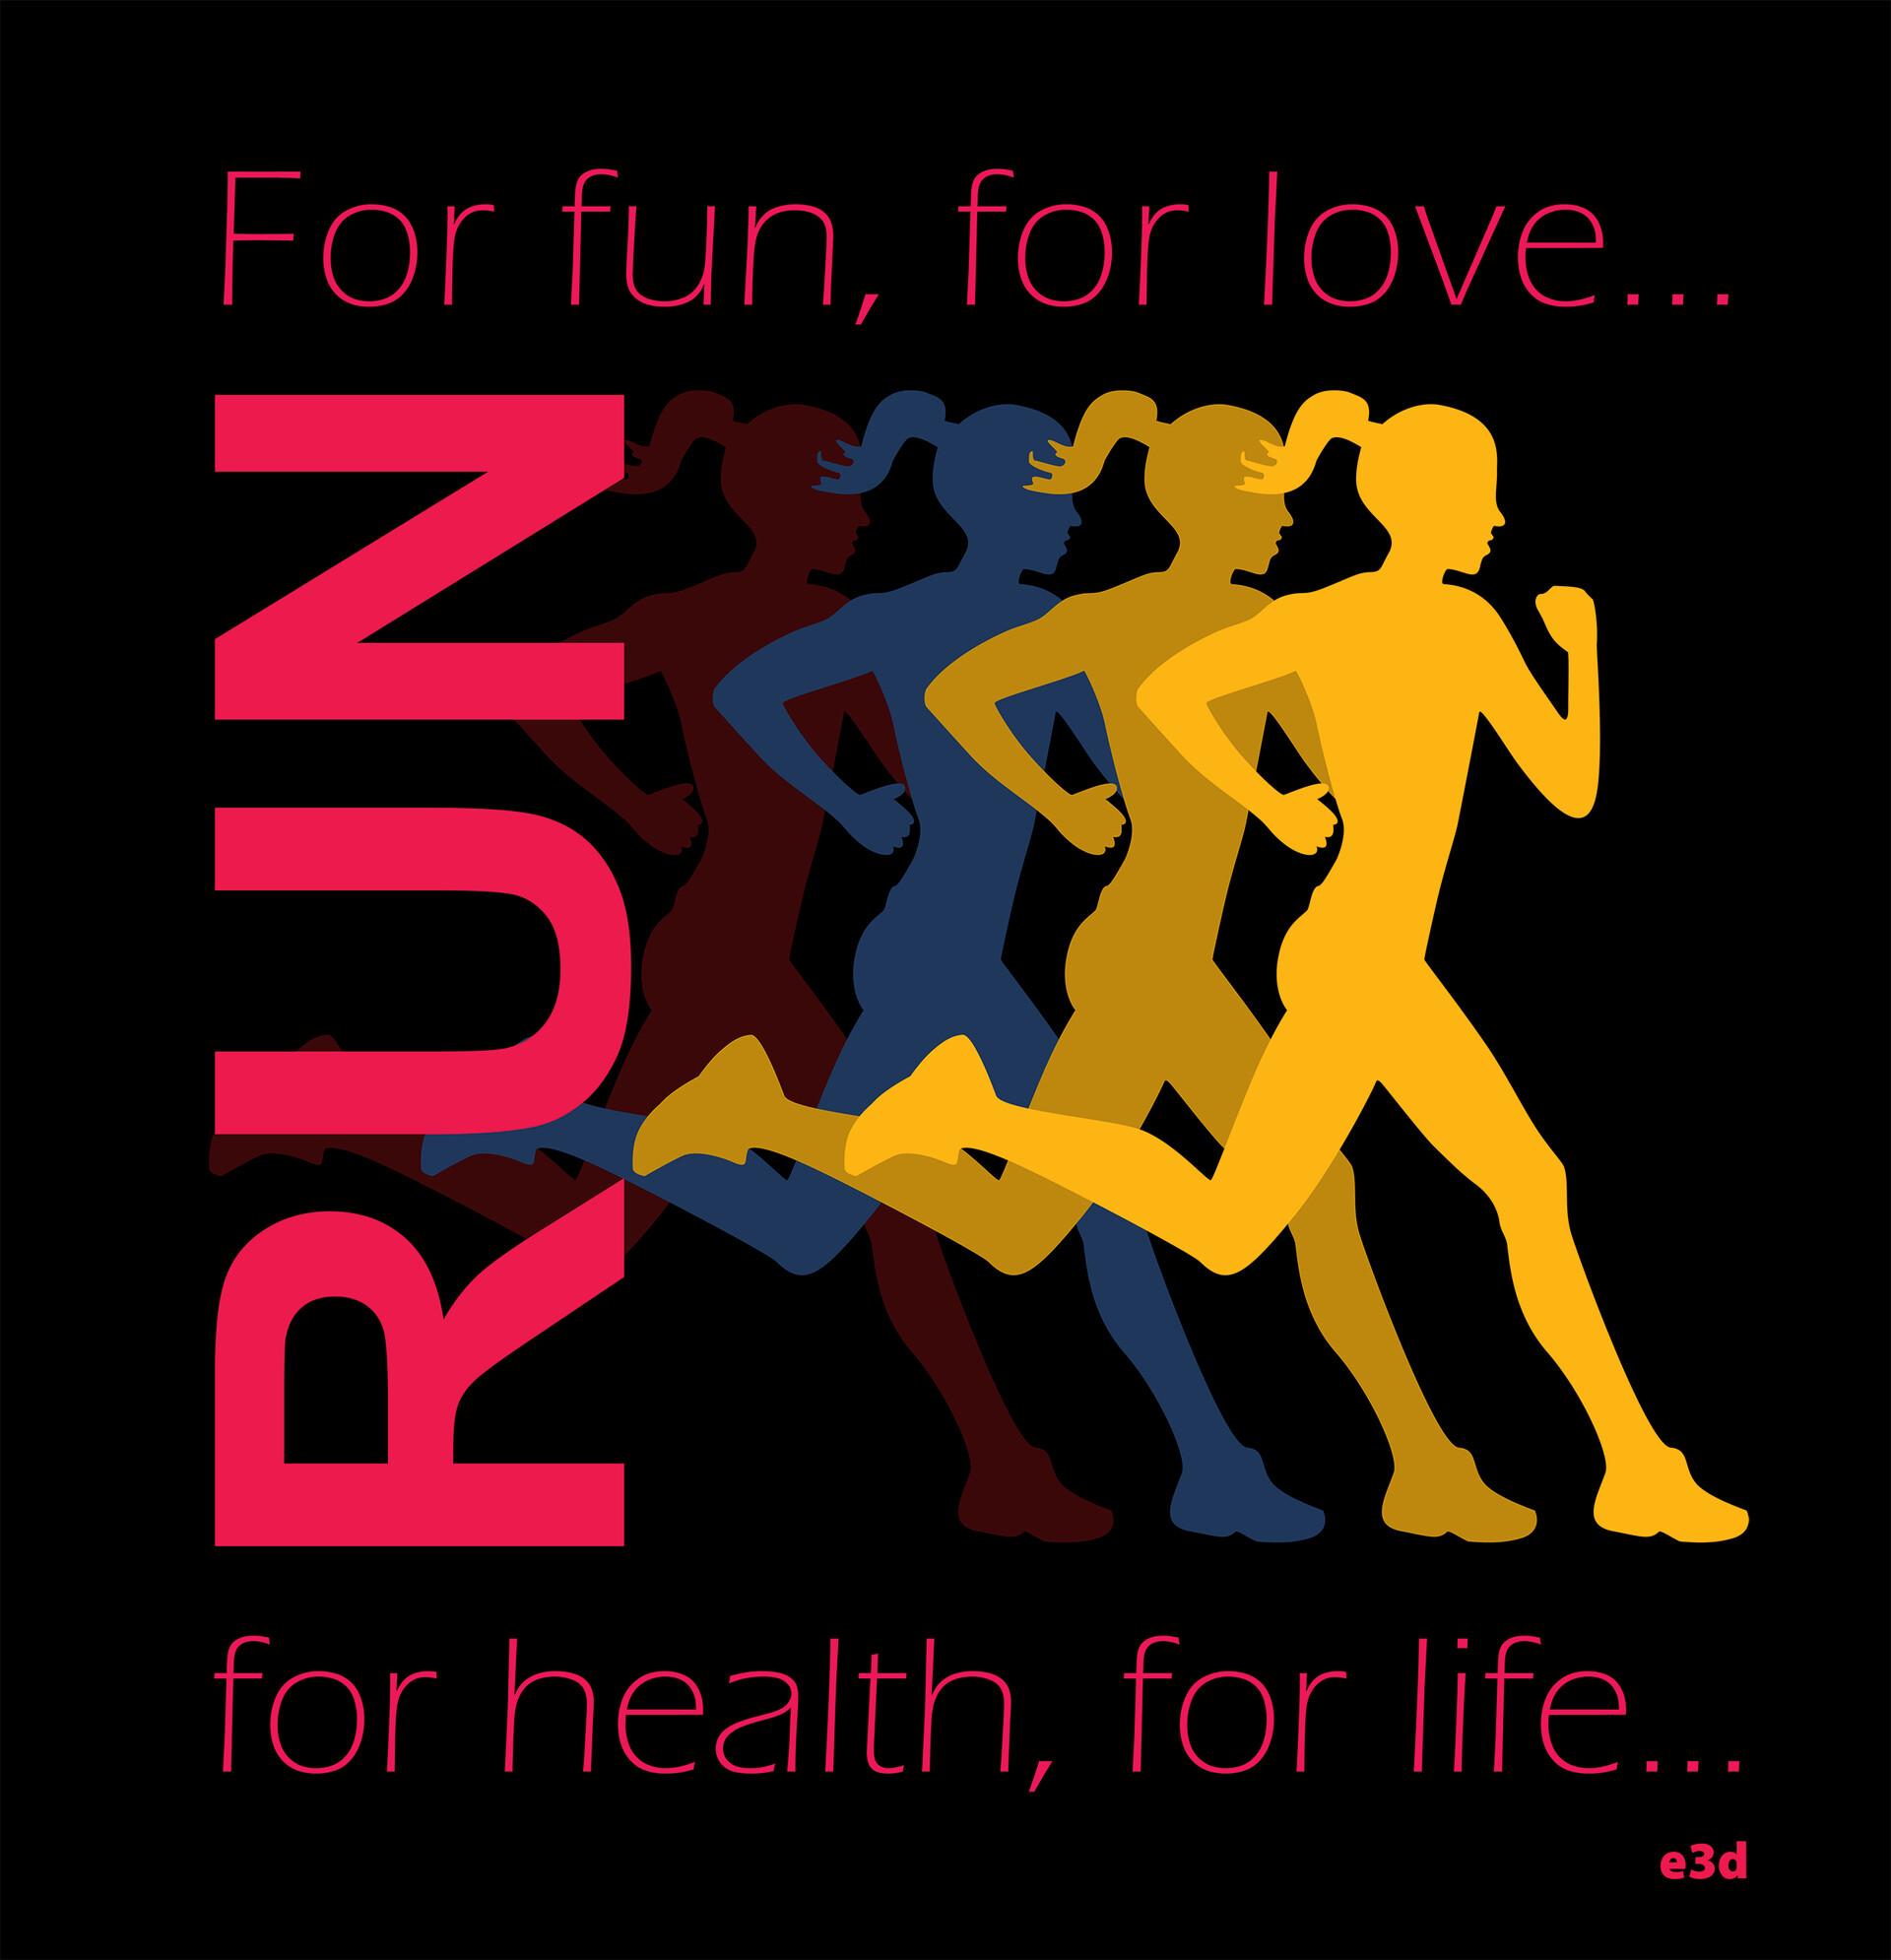 Designed for the sport of running